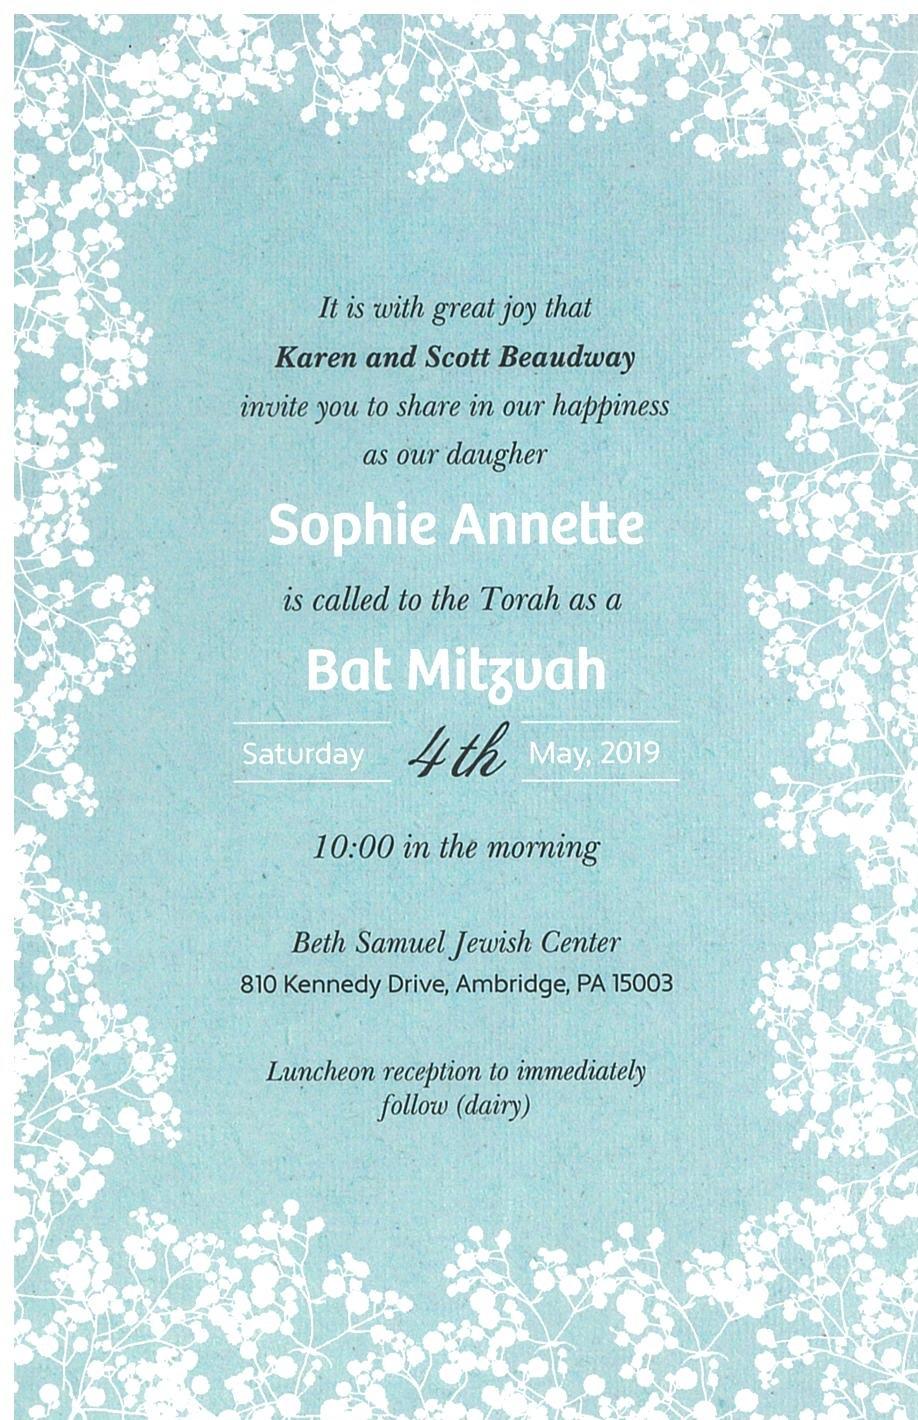 Sophie Bat Mitzvah invite front.jpg